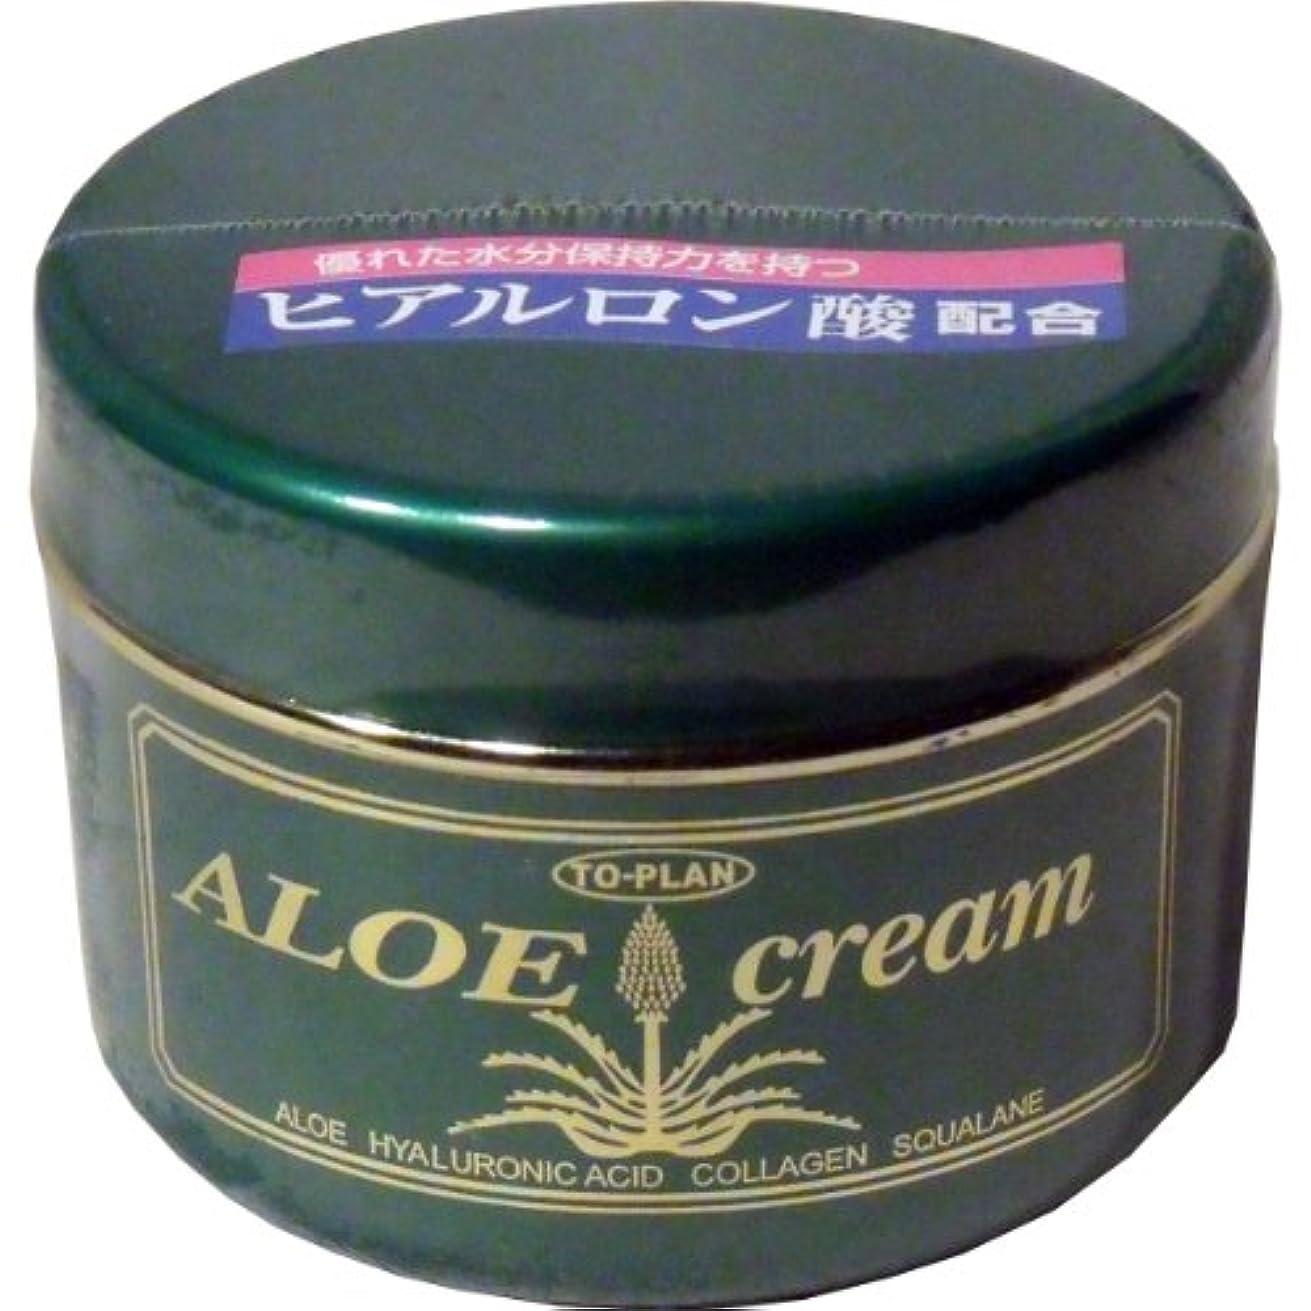 バーベキュー再生的朝食を食べるトプラン ハーブフレッシュクリーム(アロエクリーム) ヒアルロン酸 170g ×5個セット